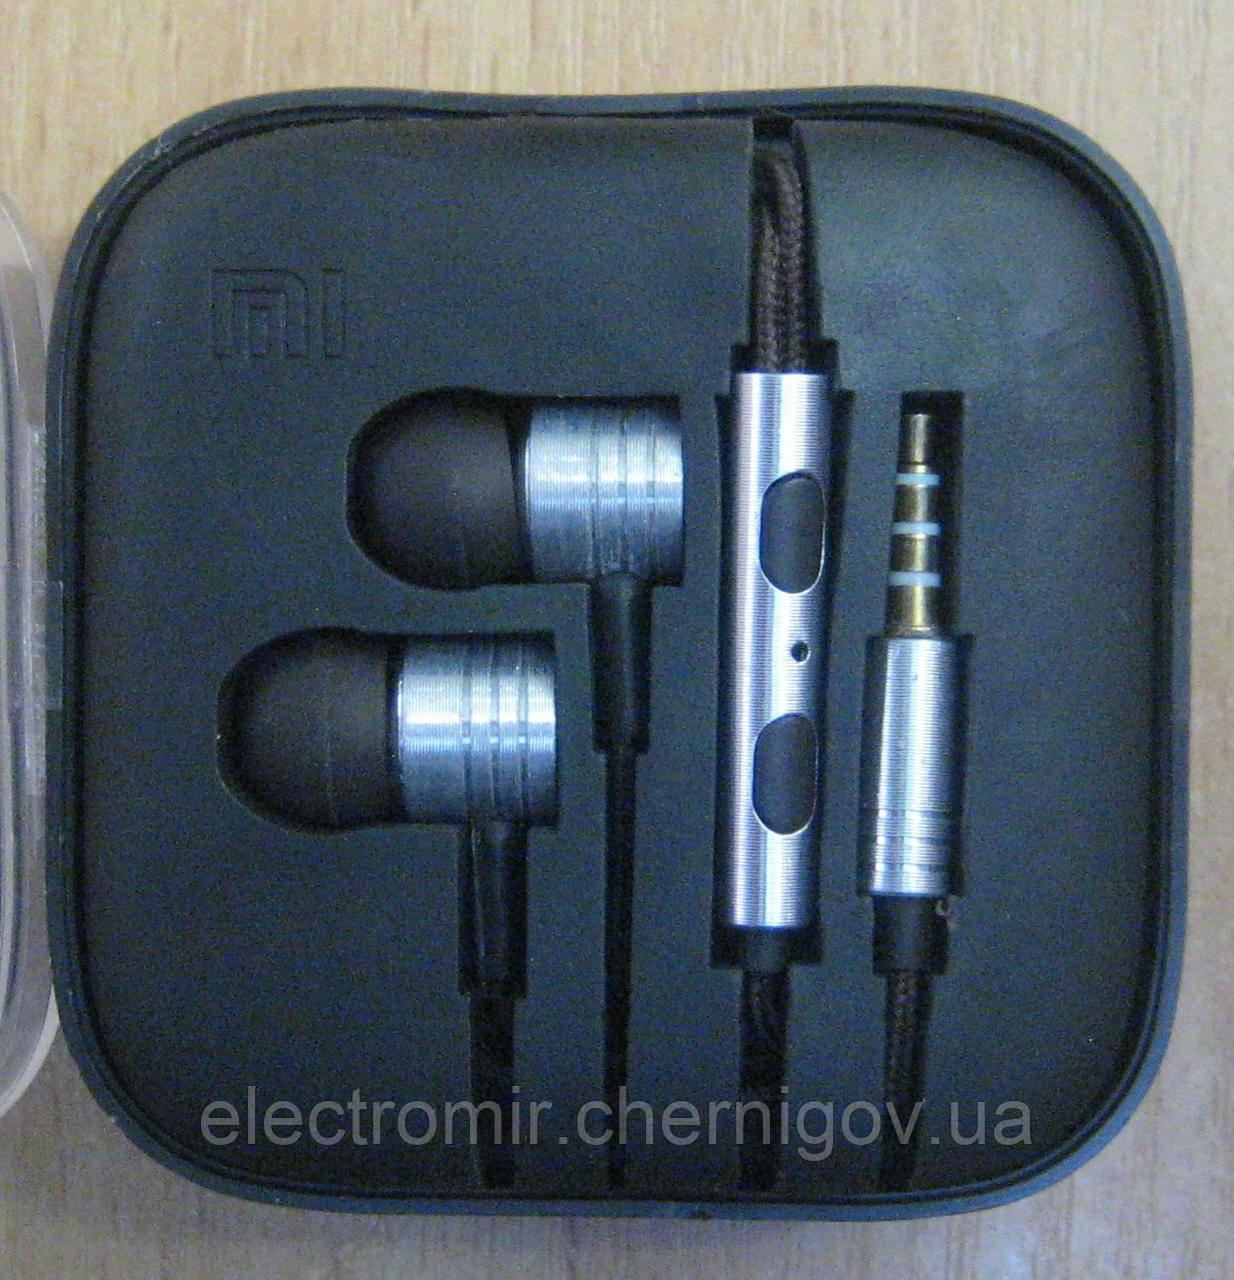 Наушники вакуумные с микрофоном в пластиковом кейсе MI (серебристые)